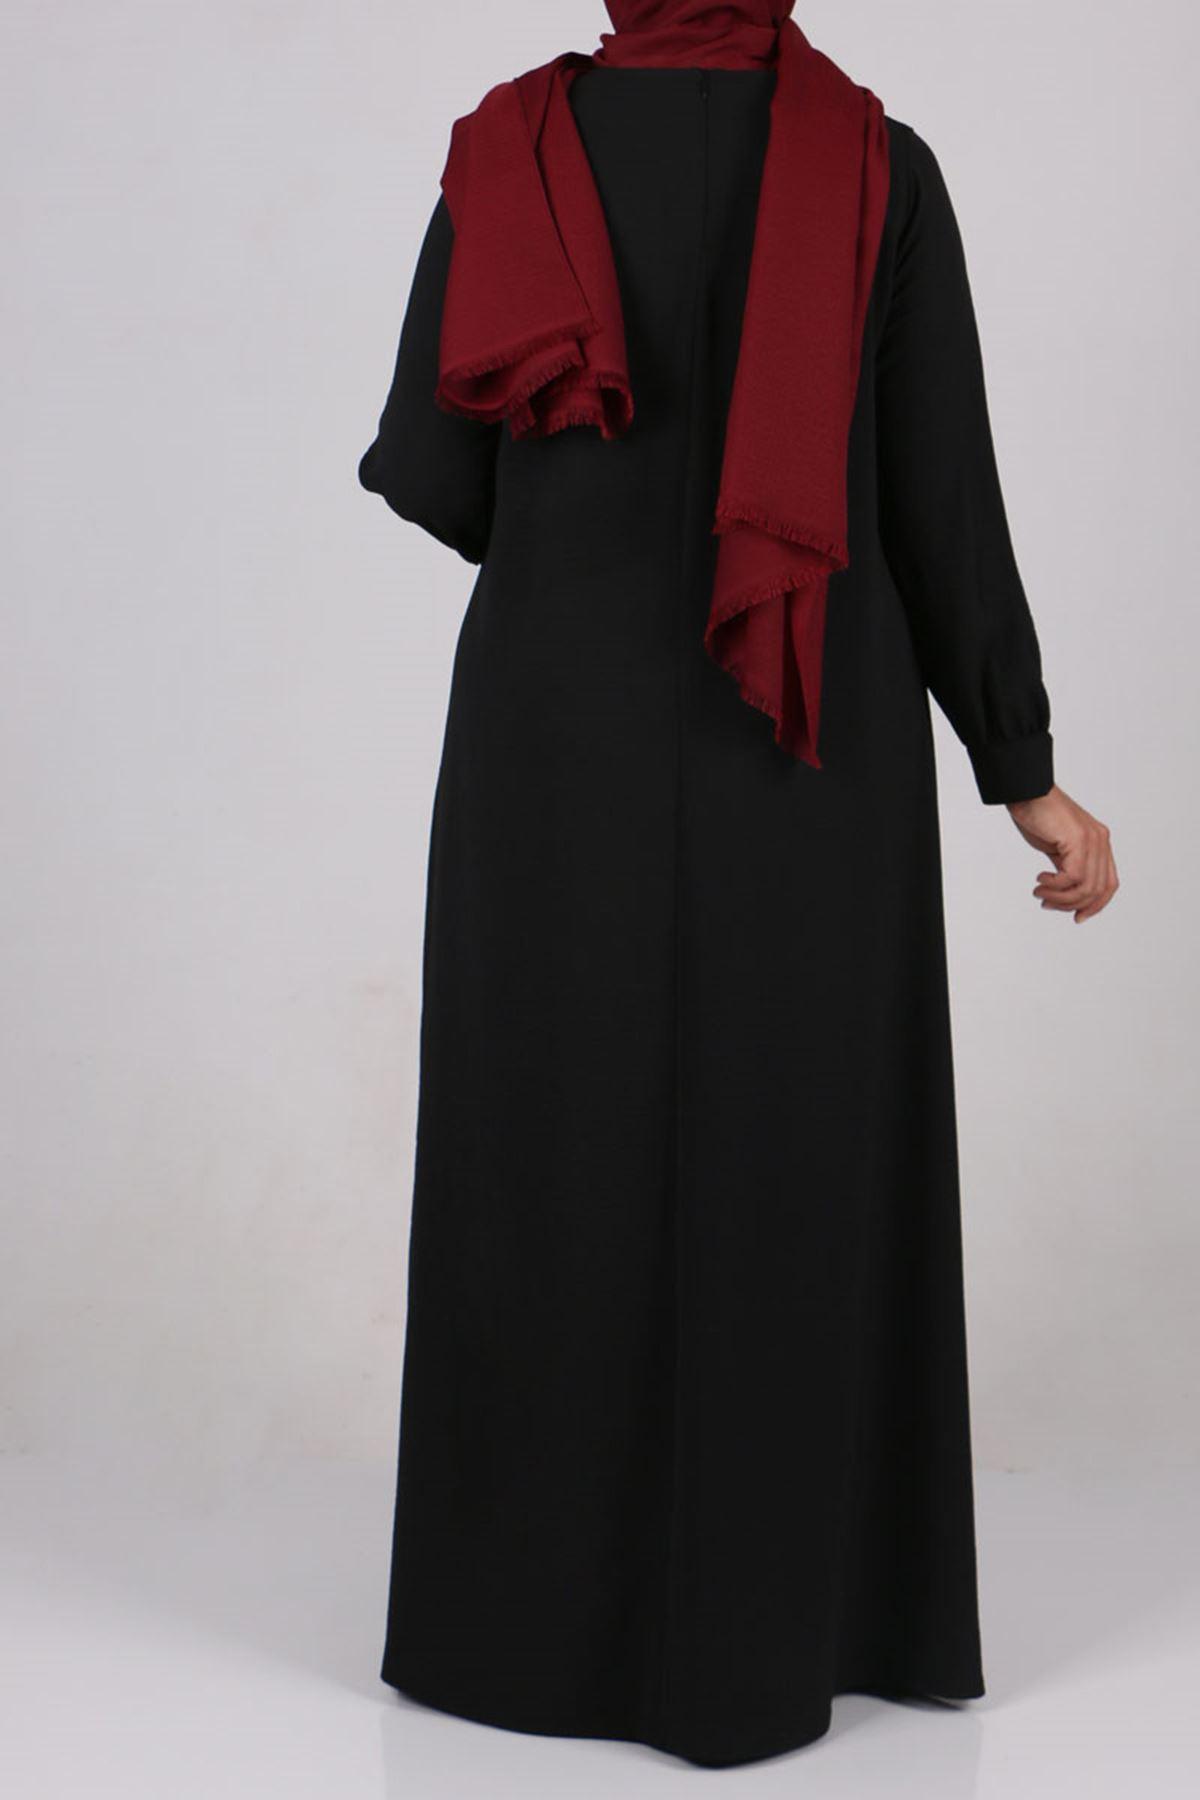 2102 Büyük Beden Airobin Elbise - Siyah